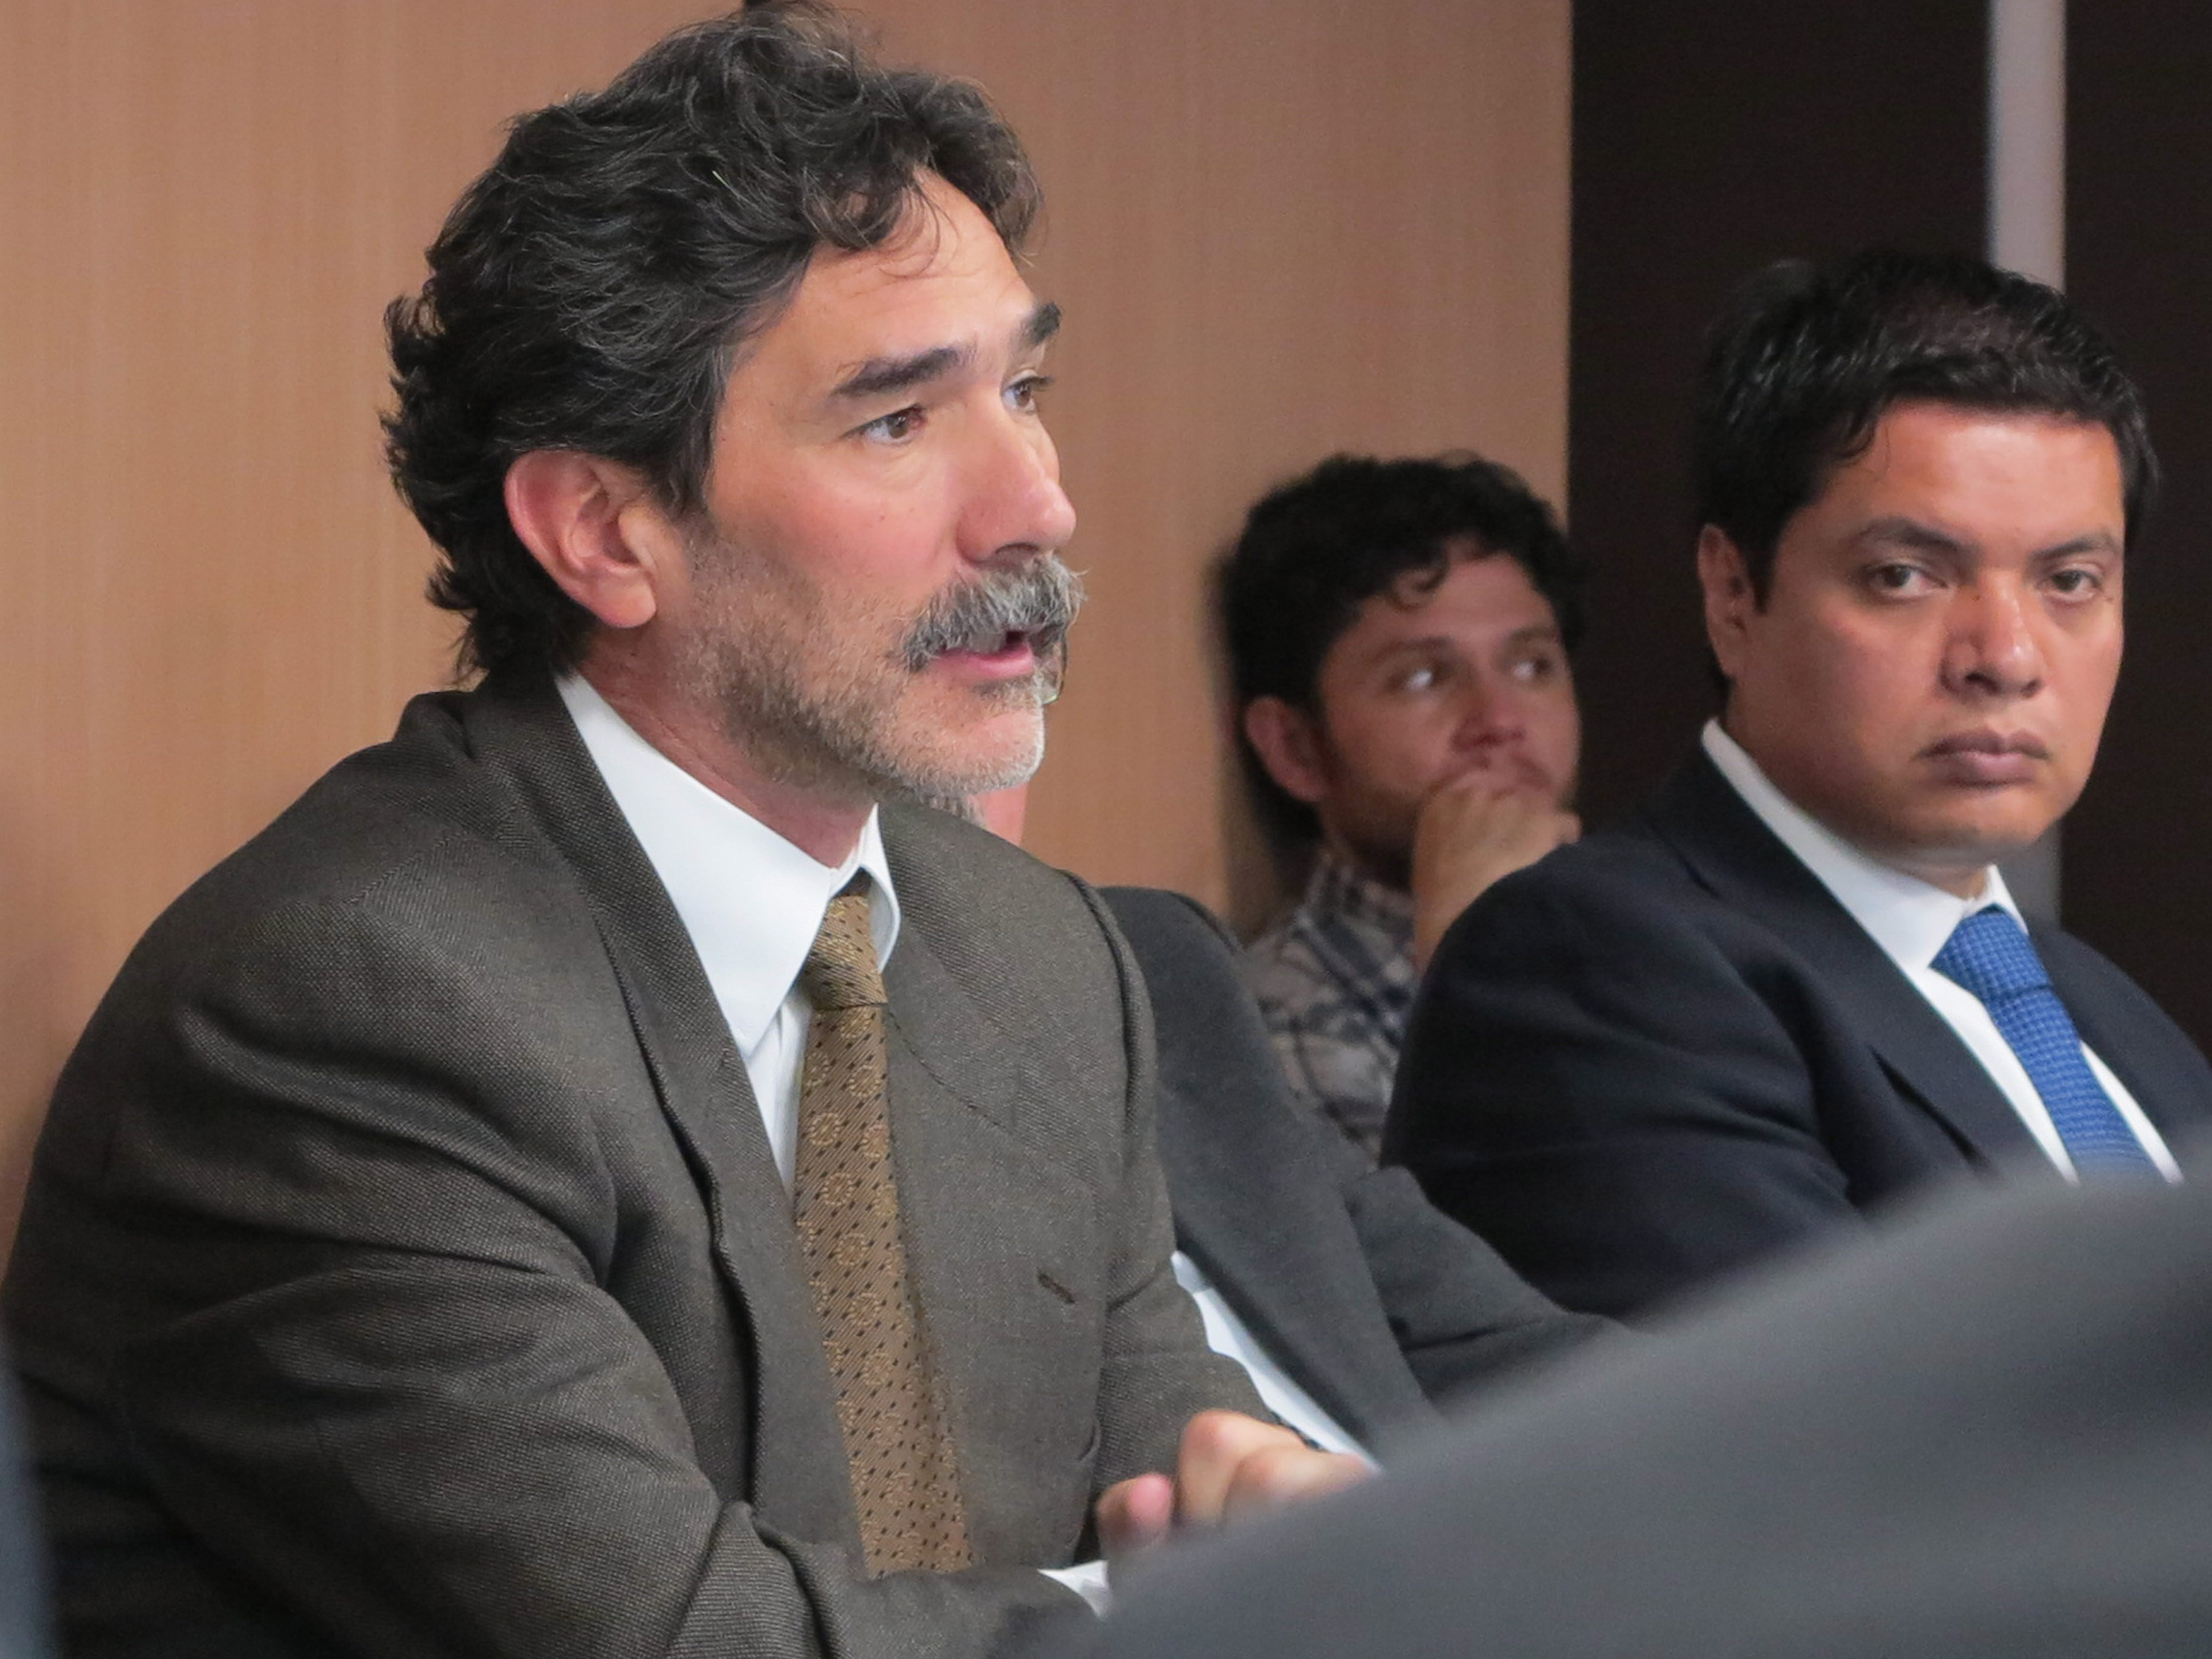 La nueva junta, que forma parte del Comité Consultivo Nacional de Normalización Agroalimentaria de la SAGARPA, se encargará de diseñar y revisar normas agroalimentarias en materia pecuaria.